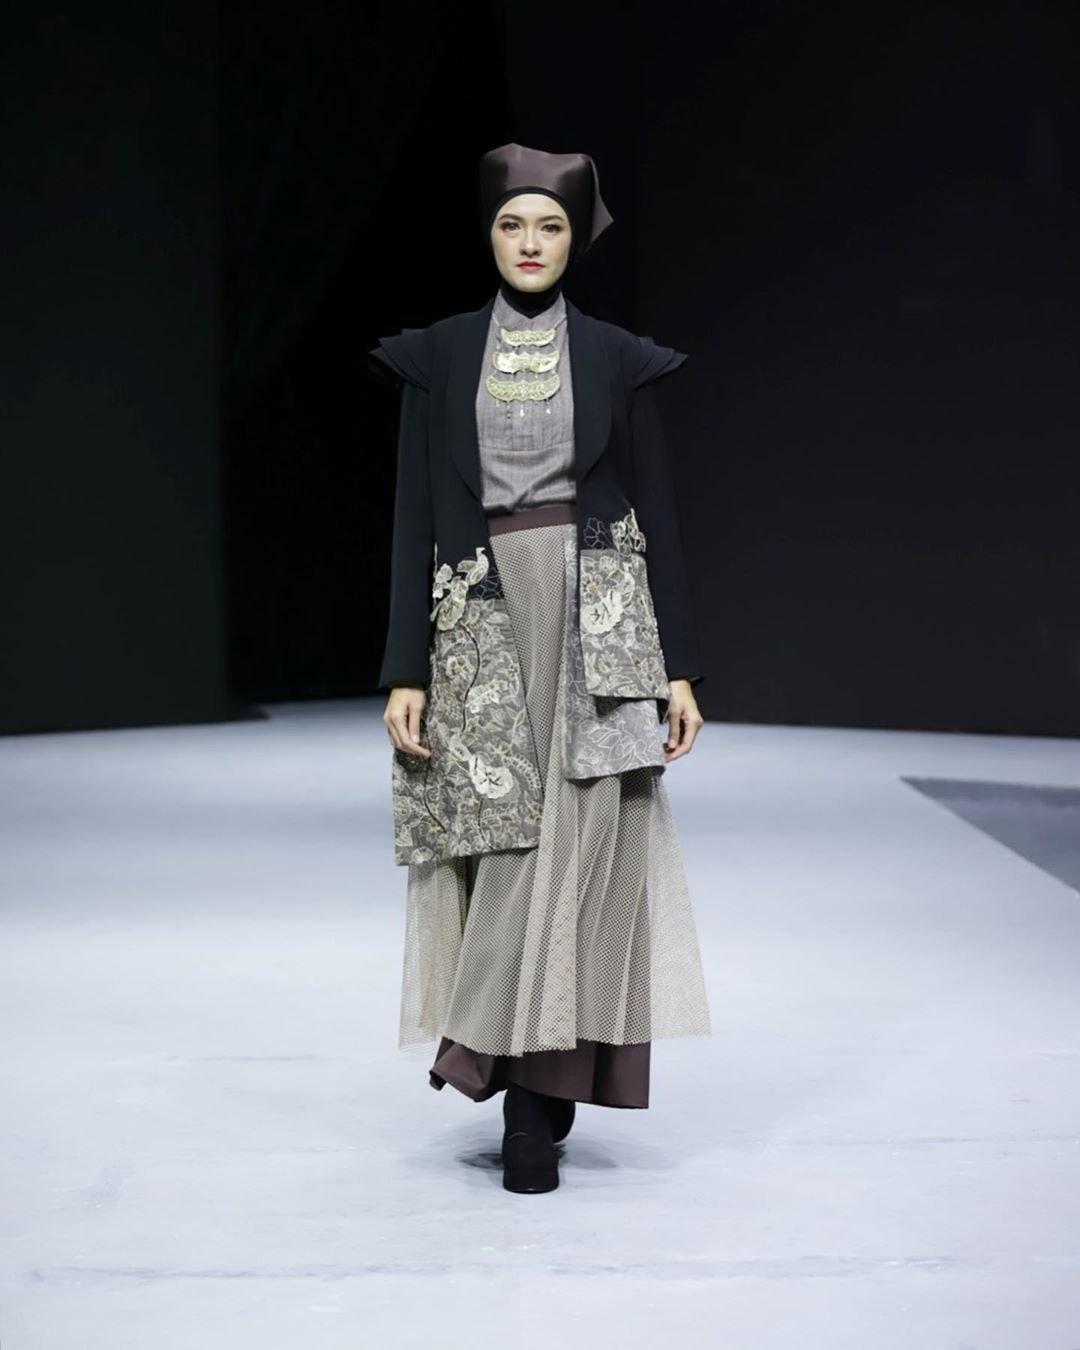 Inspirasi Inspirasi Baju Lebaran 2020 Fmdf Inspirasi Model Baju Lebaran 2020 Dari Para Desainer